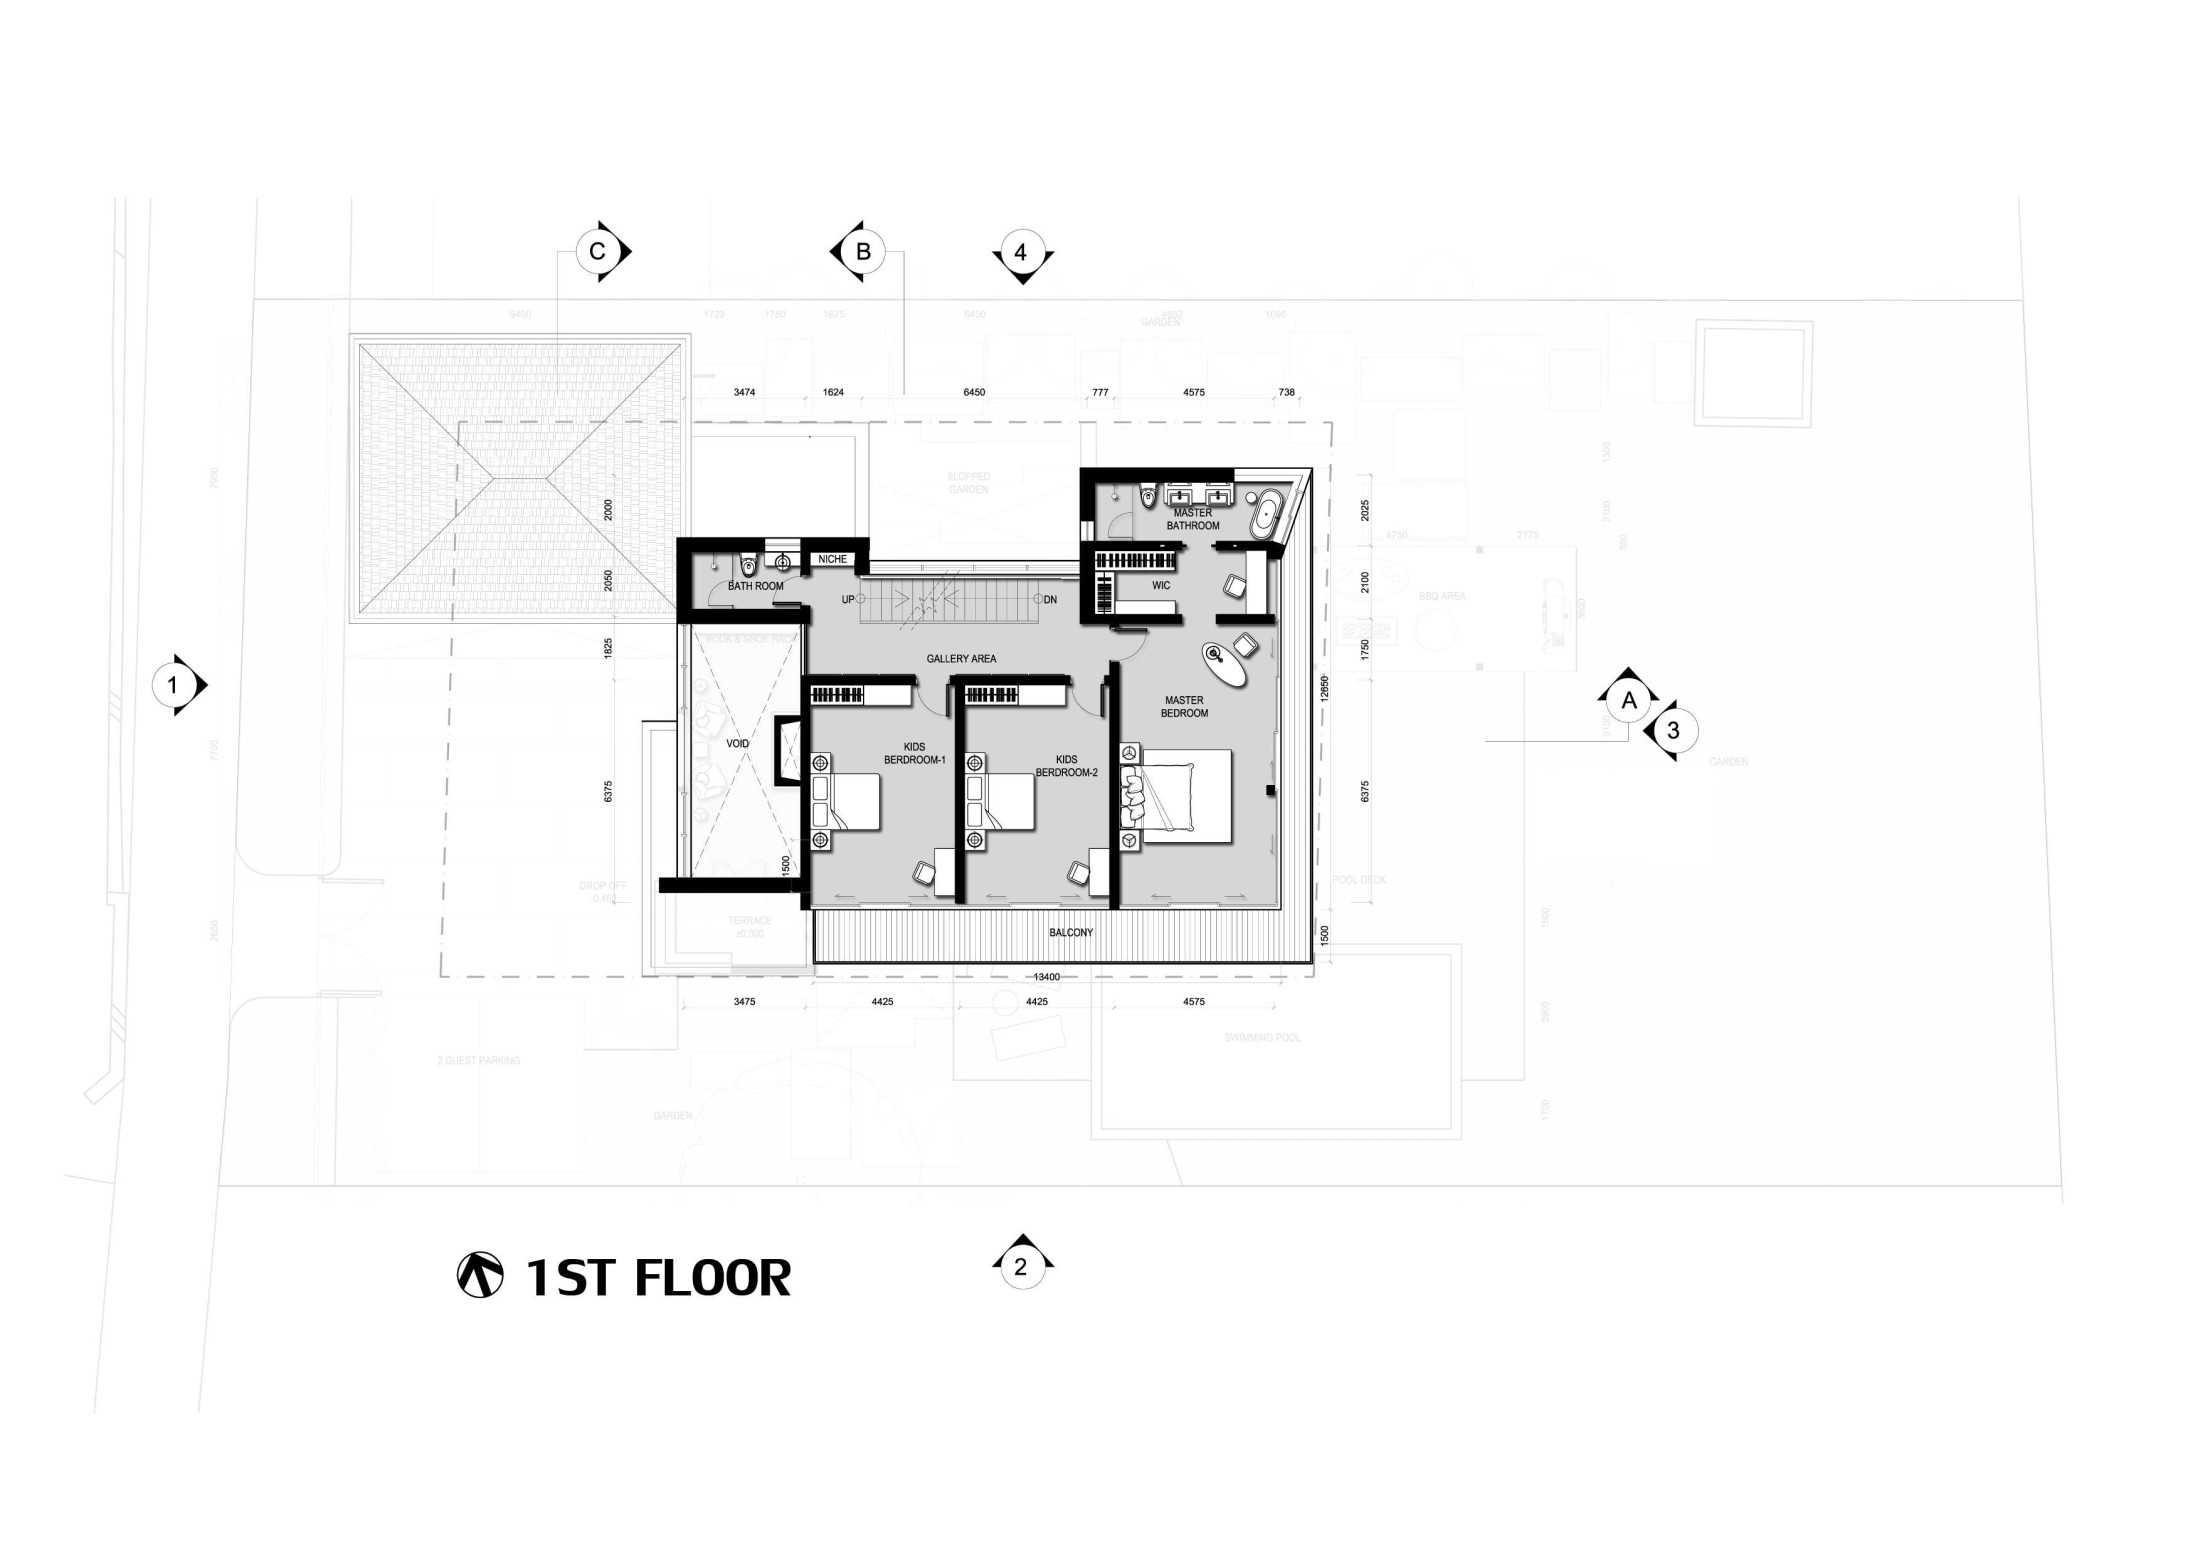 Bral Architect Alpen House In Germany 46519 Alpen, Jerman 46519 Alpen, Jerman Bral-Architect-Alpen-House-In-Germany  99897